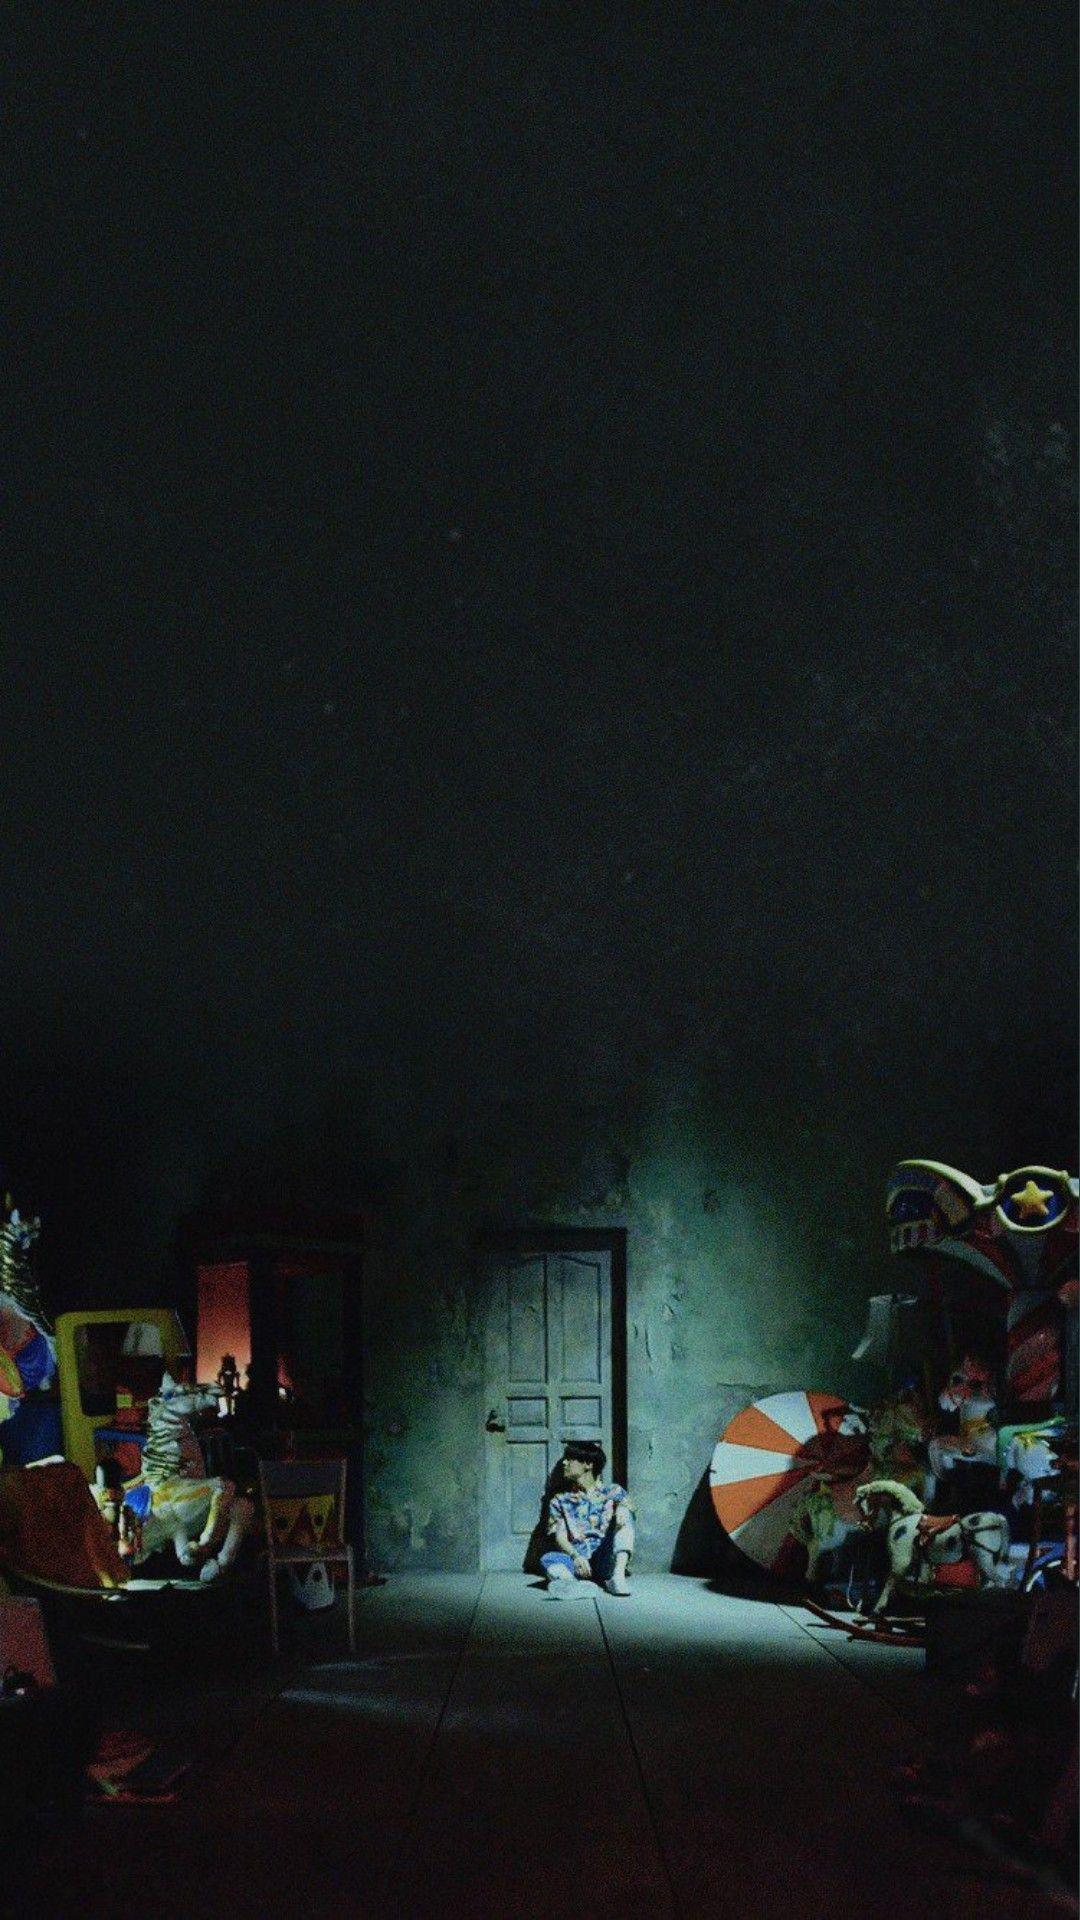 Bts Dark Desktop Wallpaper Blackpink Wallpaper